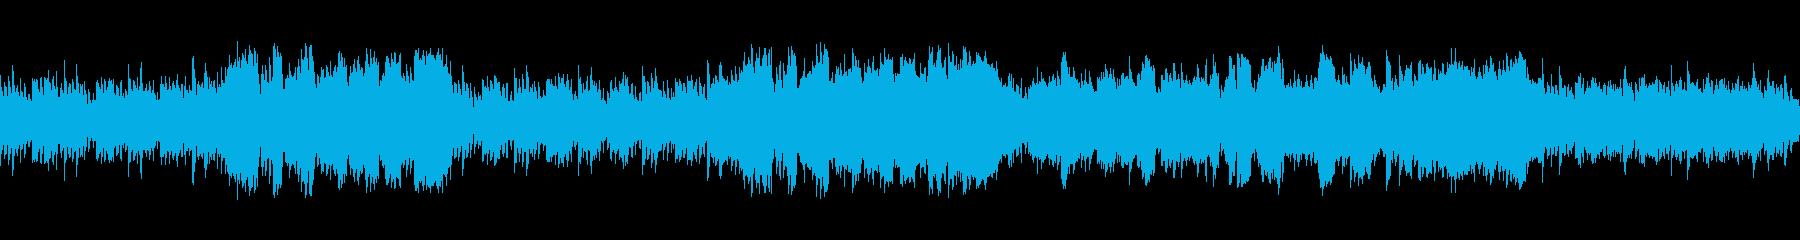 ミステリアス ループ FF風の再生済みの波形